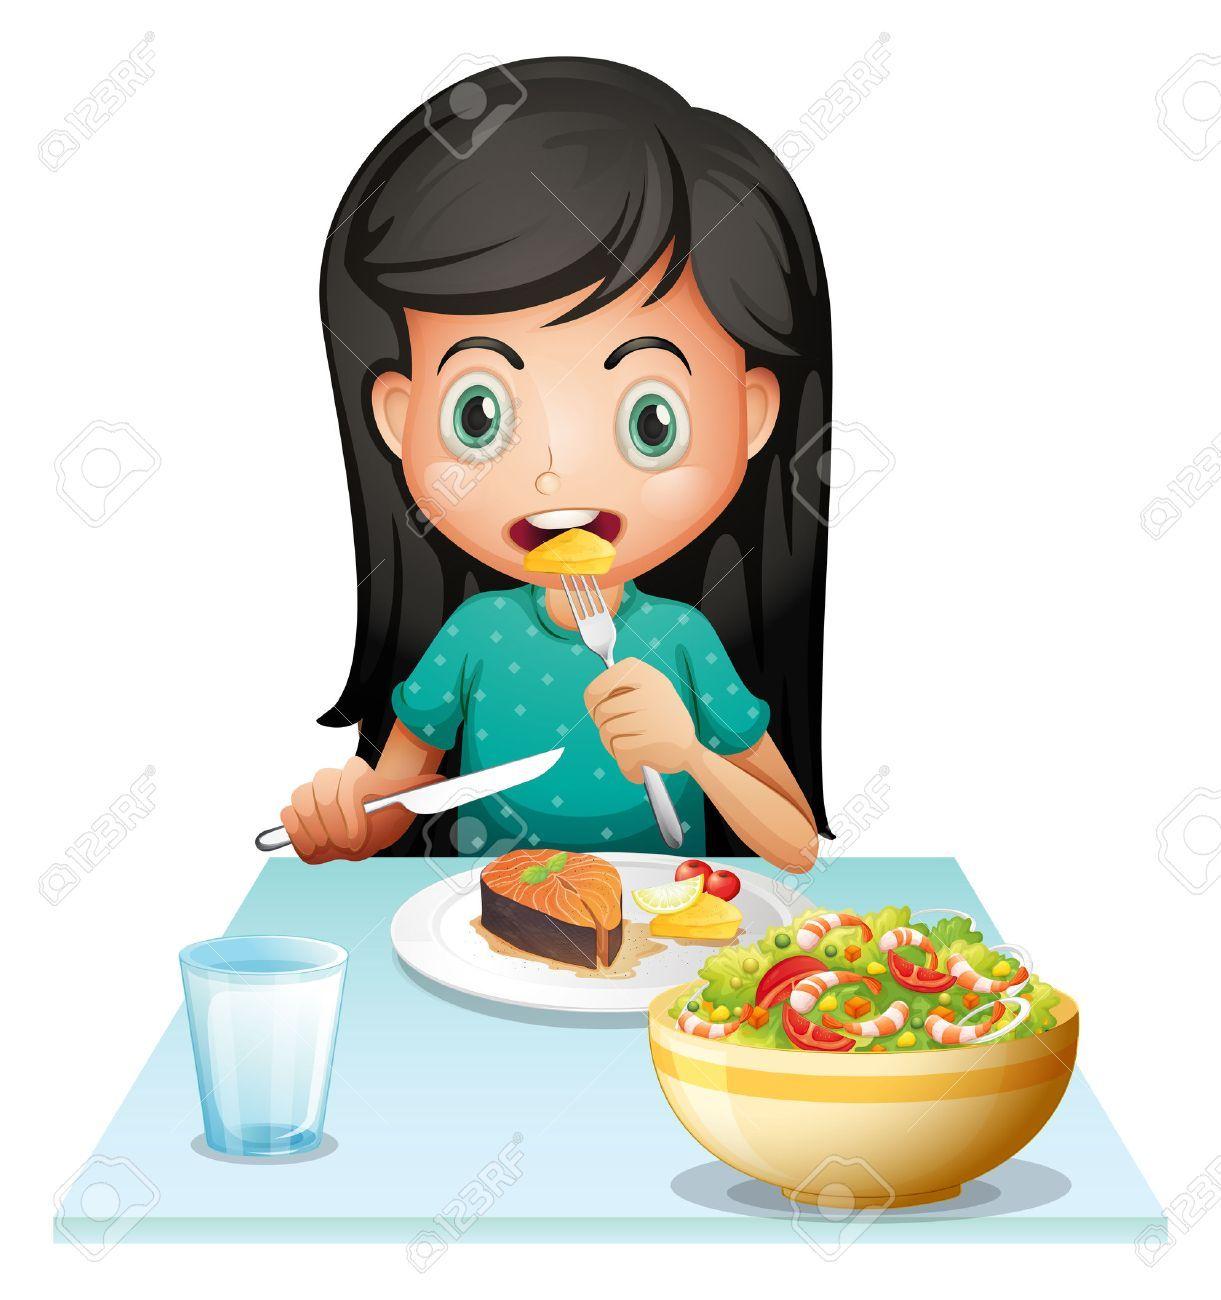 Niña Animada Comiendo Un Desayuno Saludable Buscar Con Google Niños Comiendo Animados Rutina Diaria De Niños Niños Y Niñas Animados